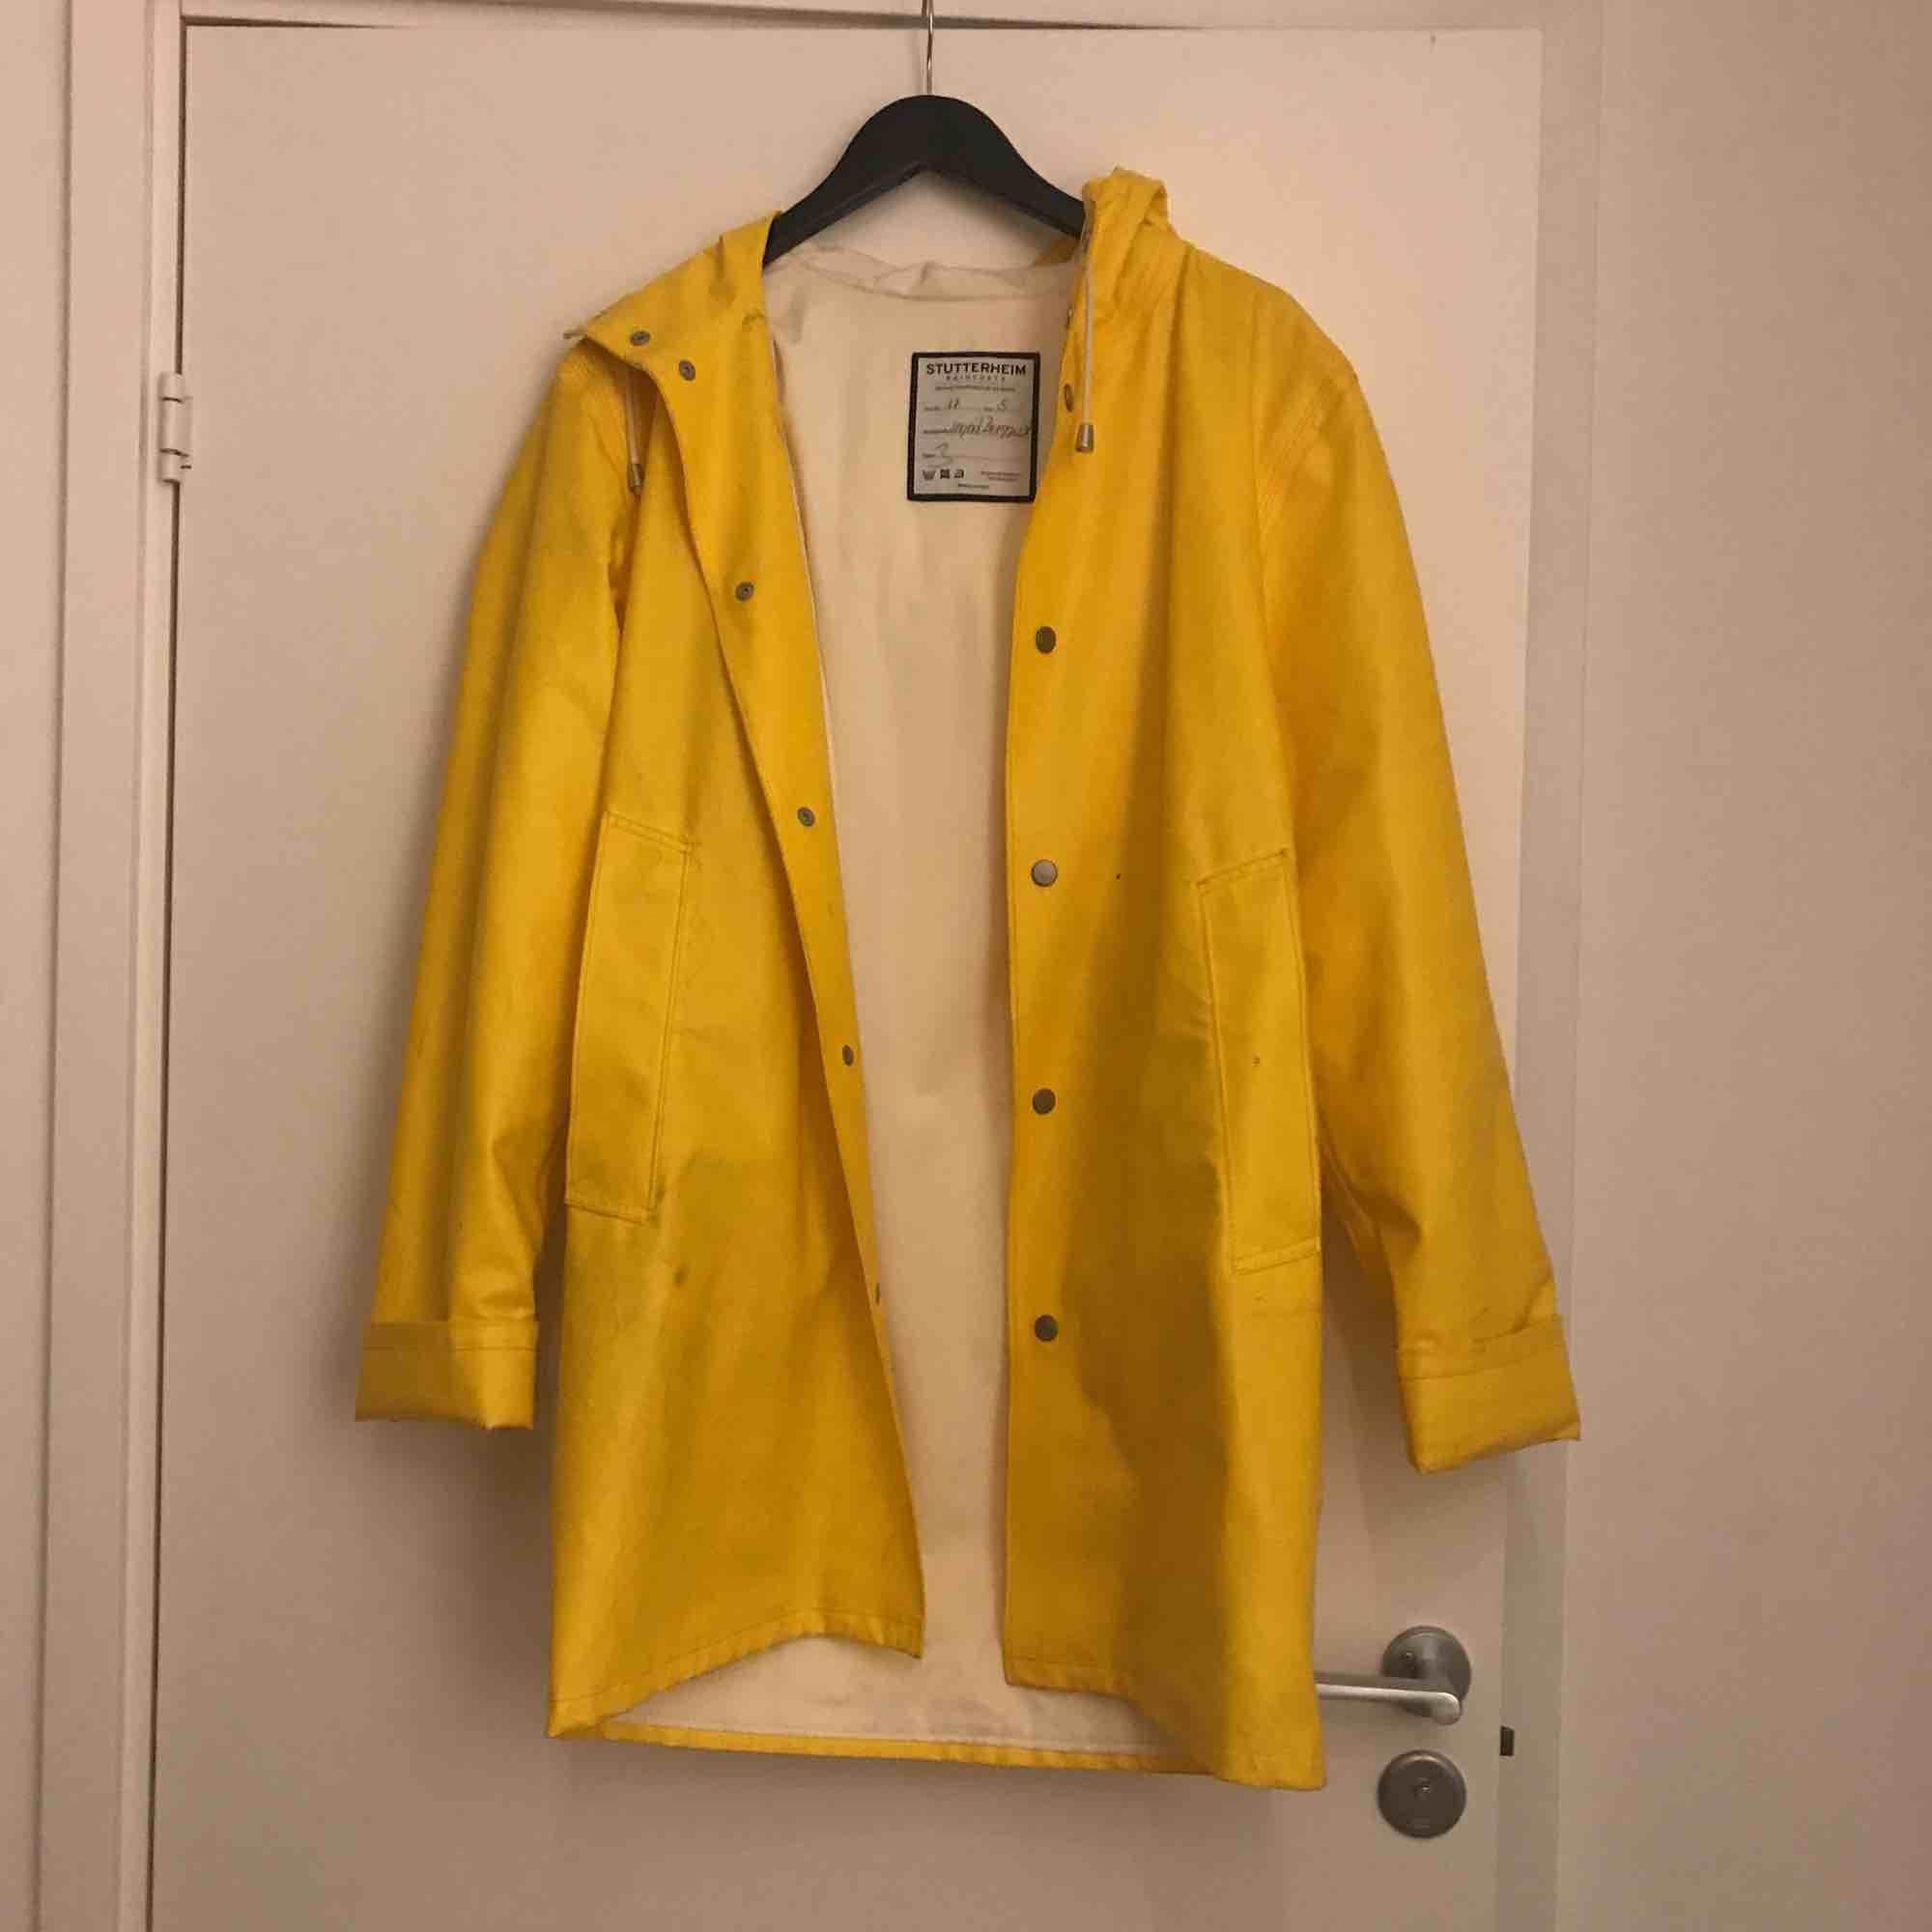 Handgjord regnkappa från stutterheim i fin gul färg! Varsamt använd men några knappt synliga grå fläckar. Andra sortering som inte märks, köpt för 2000. . Jackor.